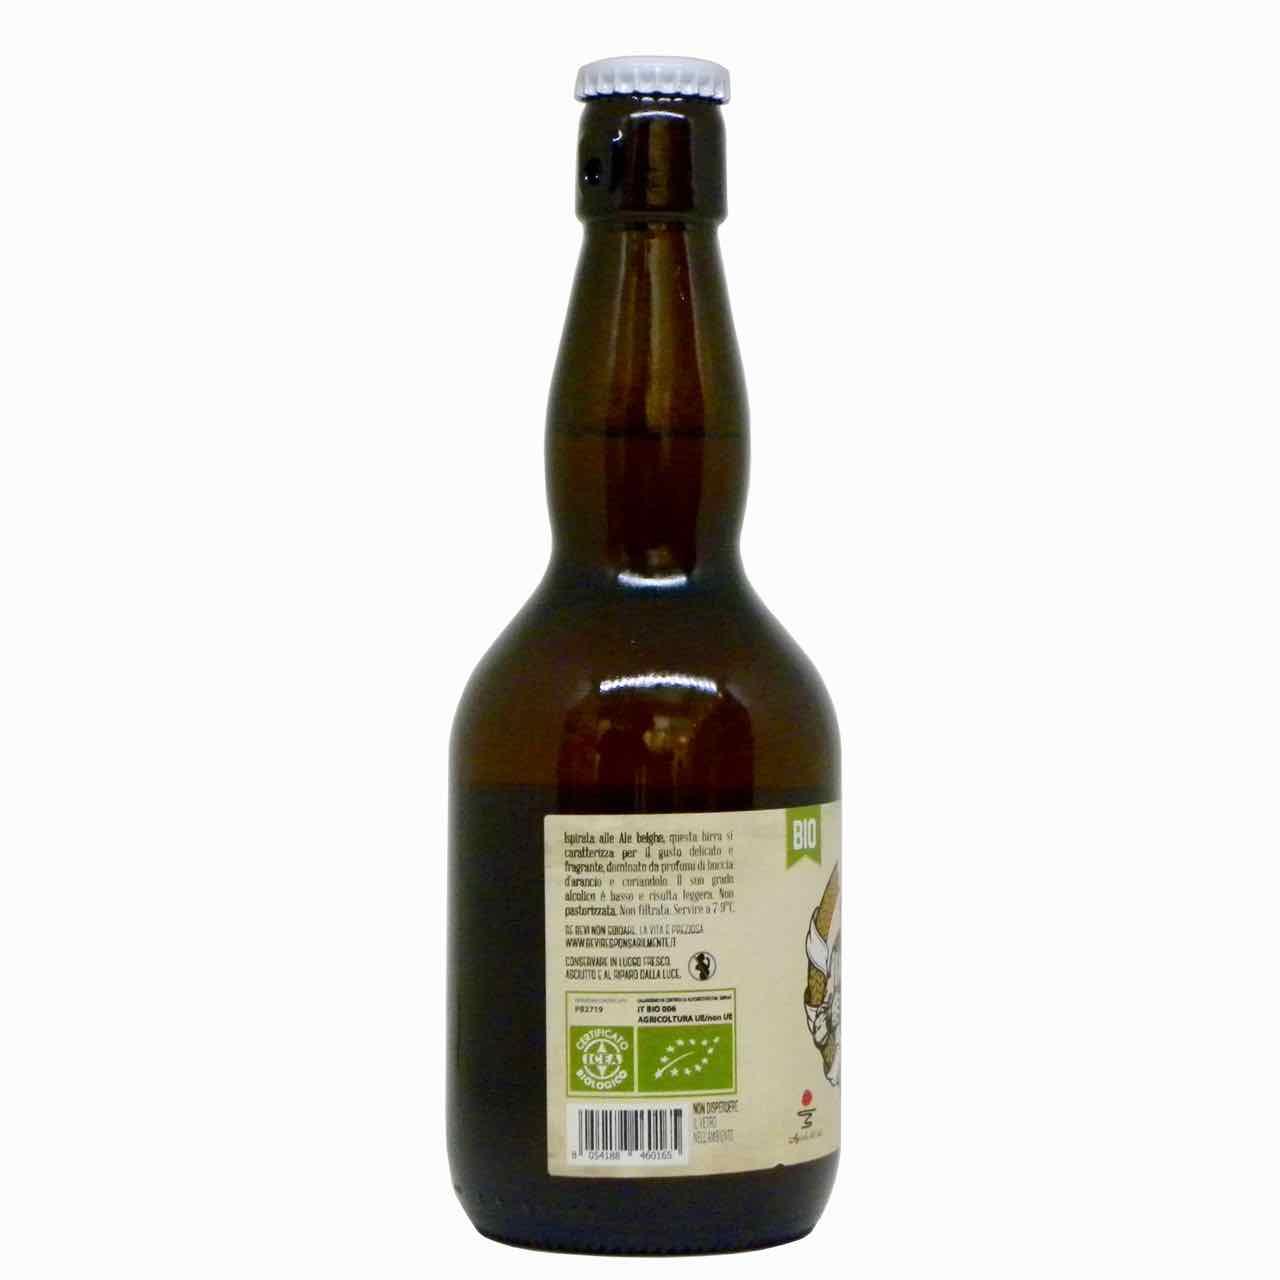 birra blanche artigianale lato – artisan blanche beer – Agricola del Sole – Gustorotondo Italian food boutique – I migliori cibi online – Best Italian food online – spesa online